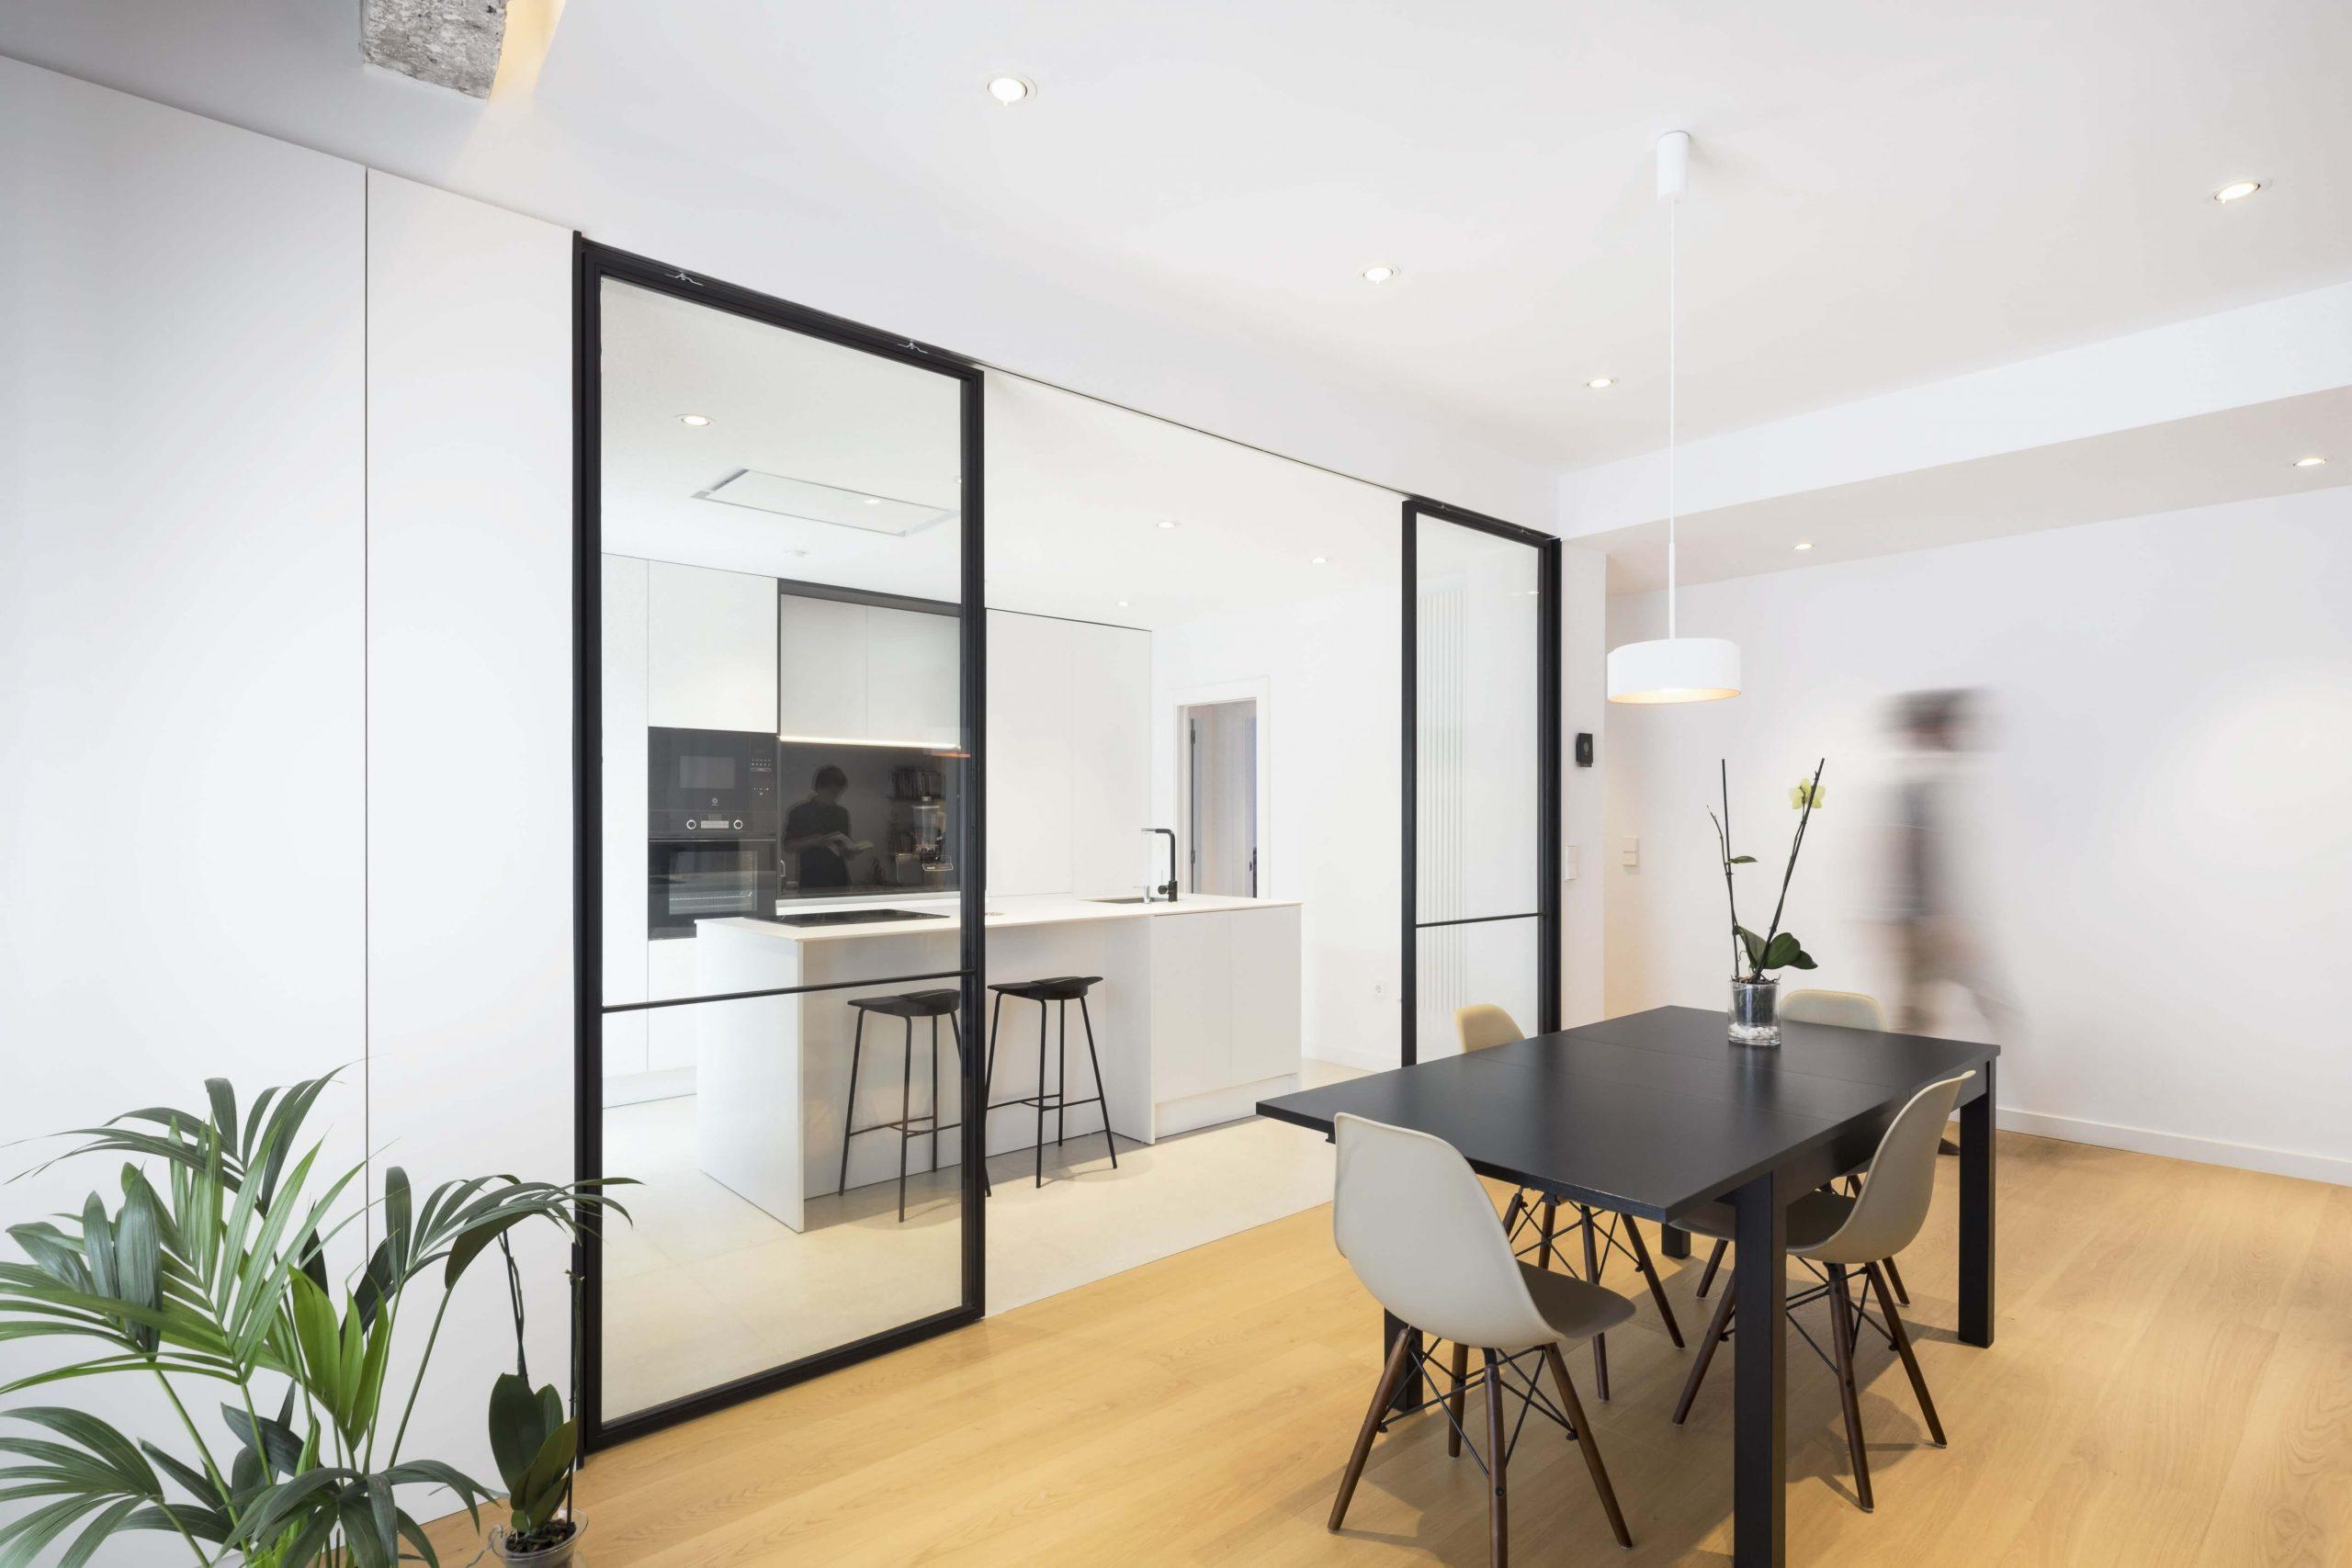 Proyecto residencial Iluminamos 100m² de puro diseño